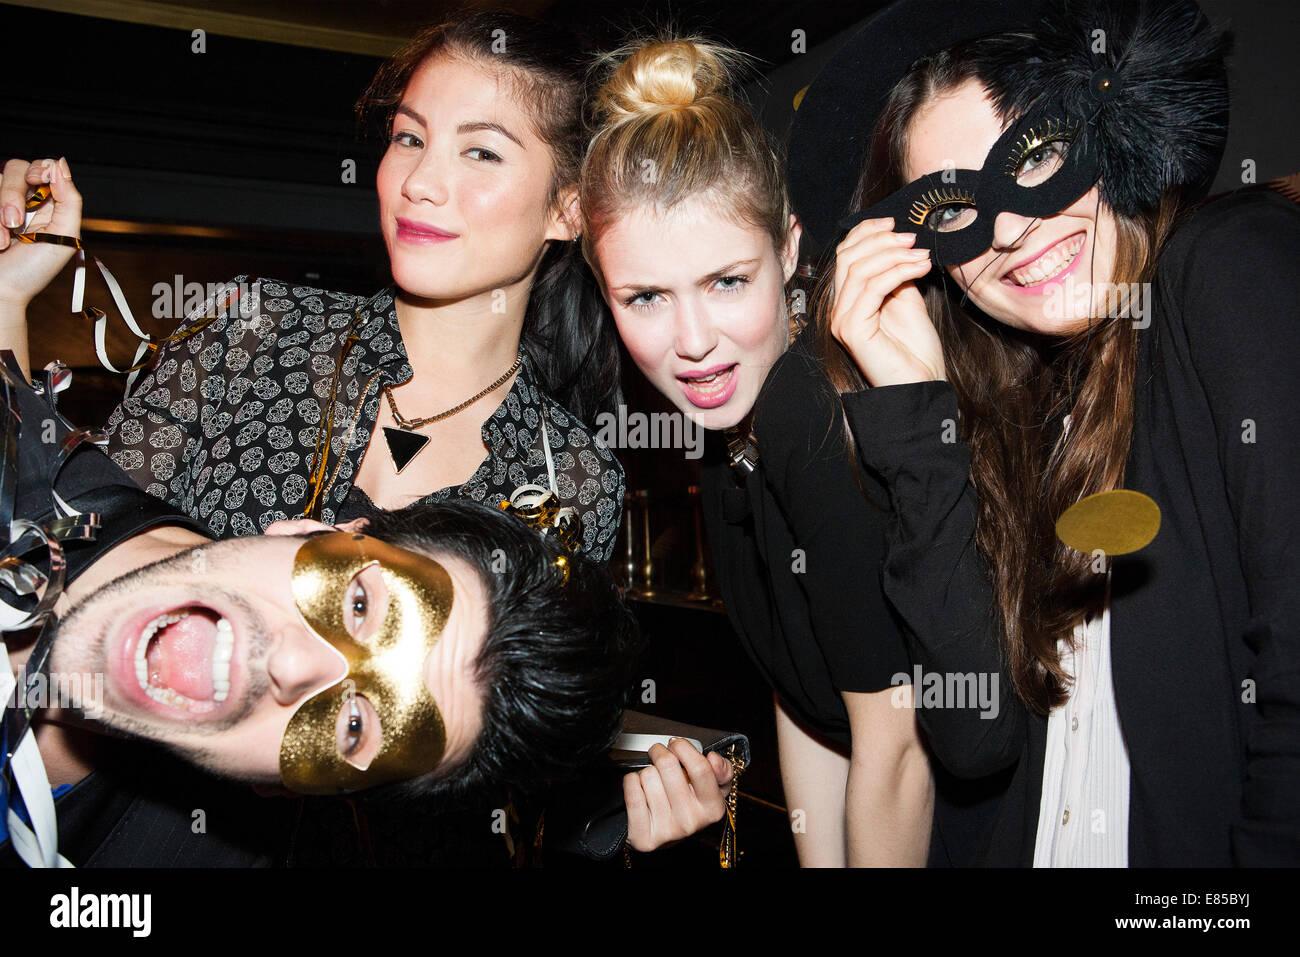 Freunde, die Spaß an Party feiern Stockbild